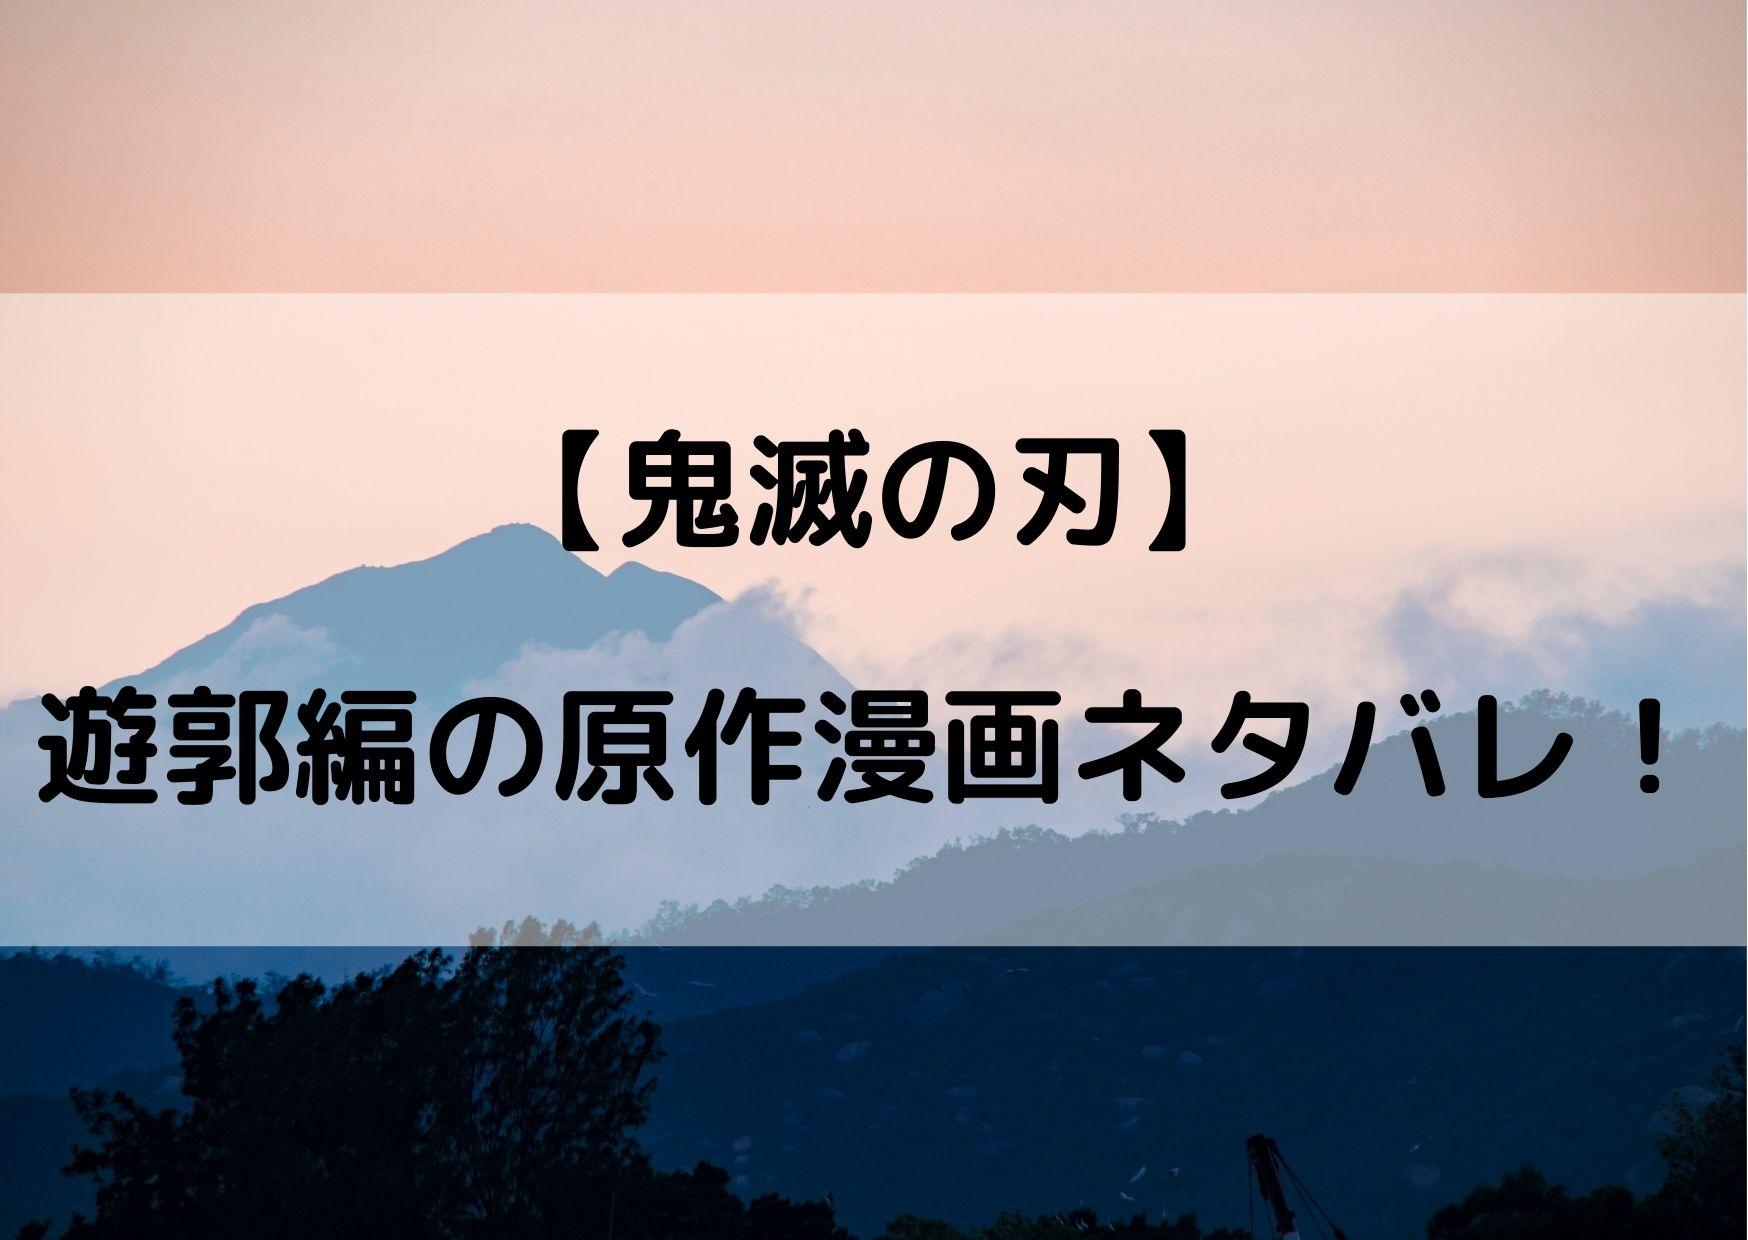 鬼滅の刃 遊郭編 漫画 ネタバレ